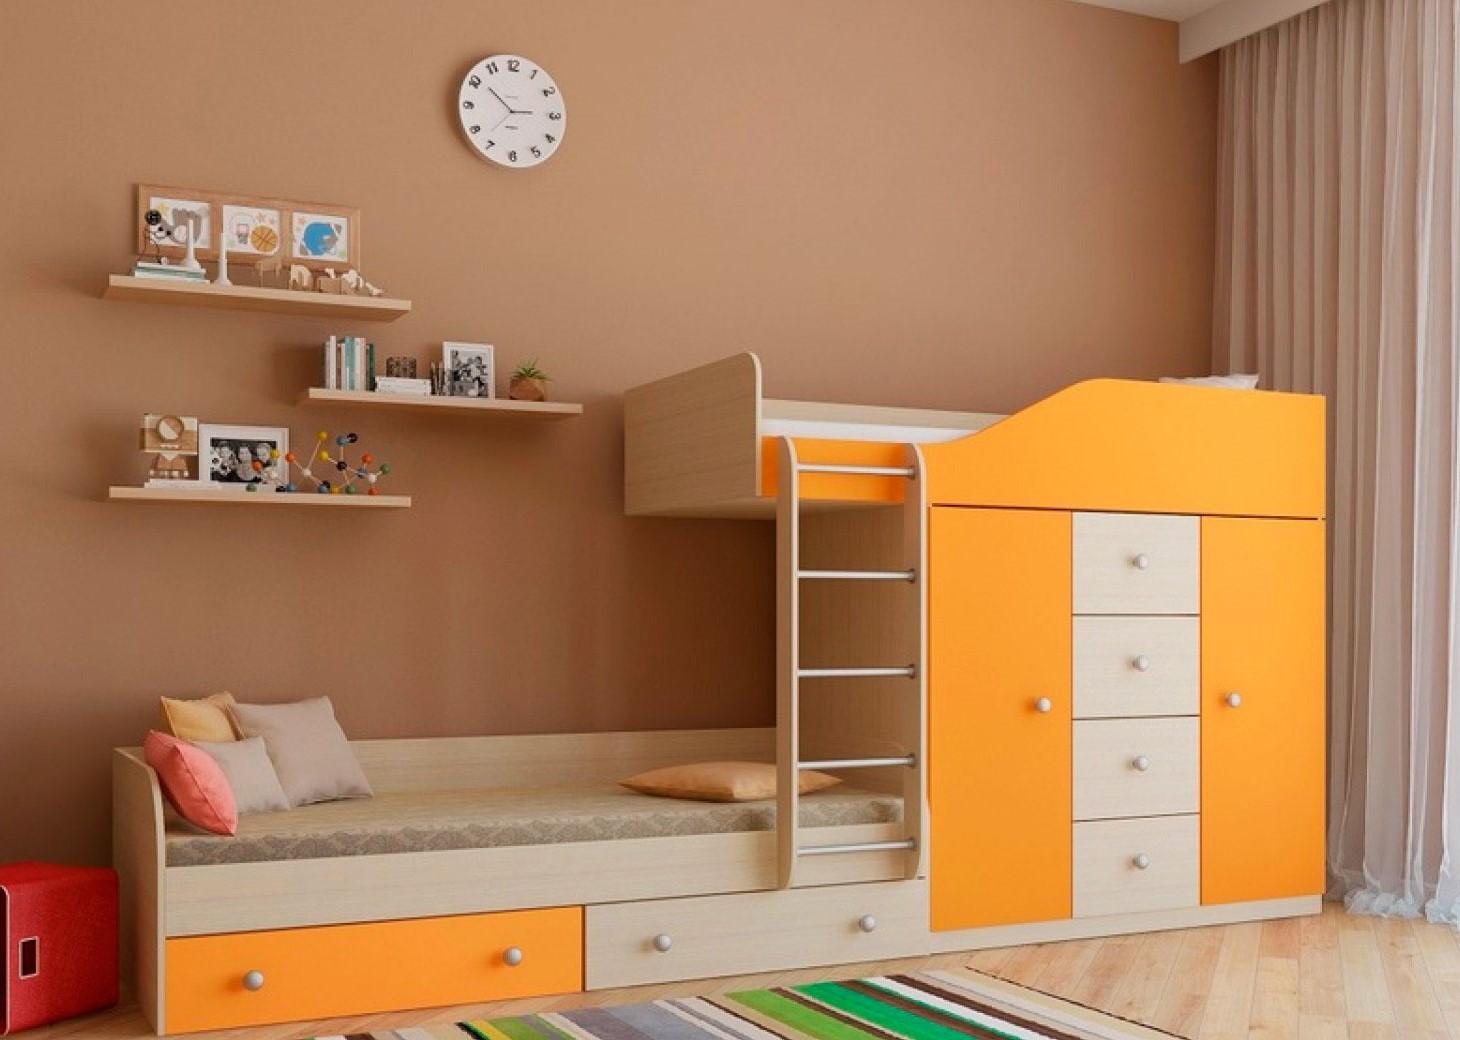 Двухъярусная кровать со шкафом (15)